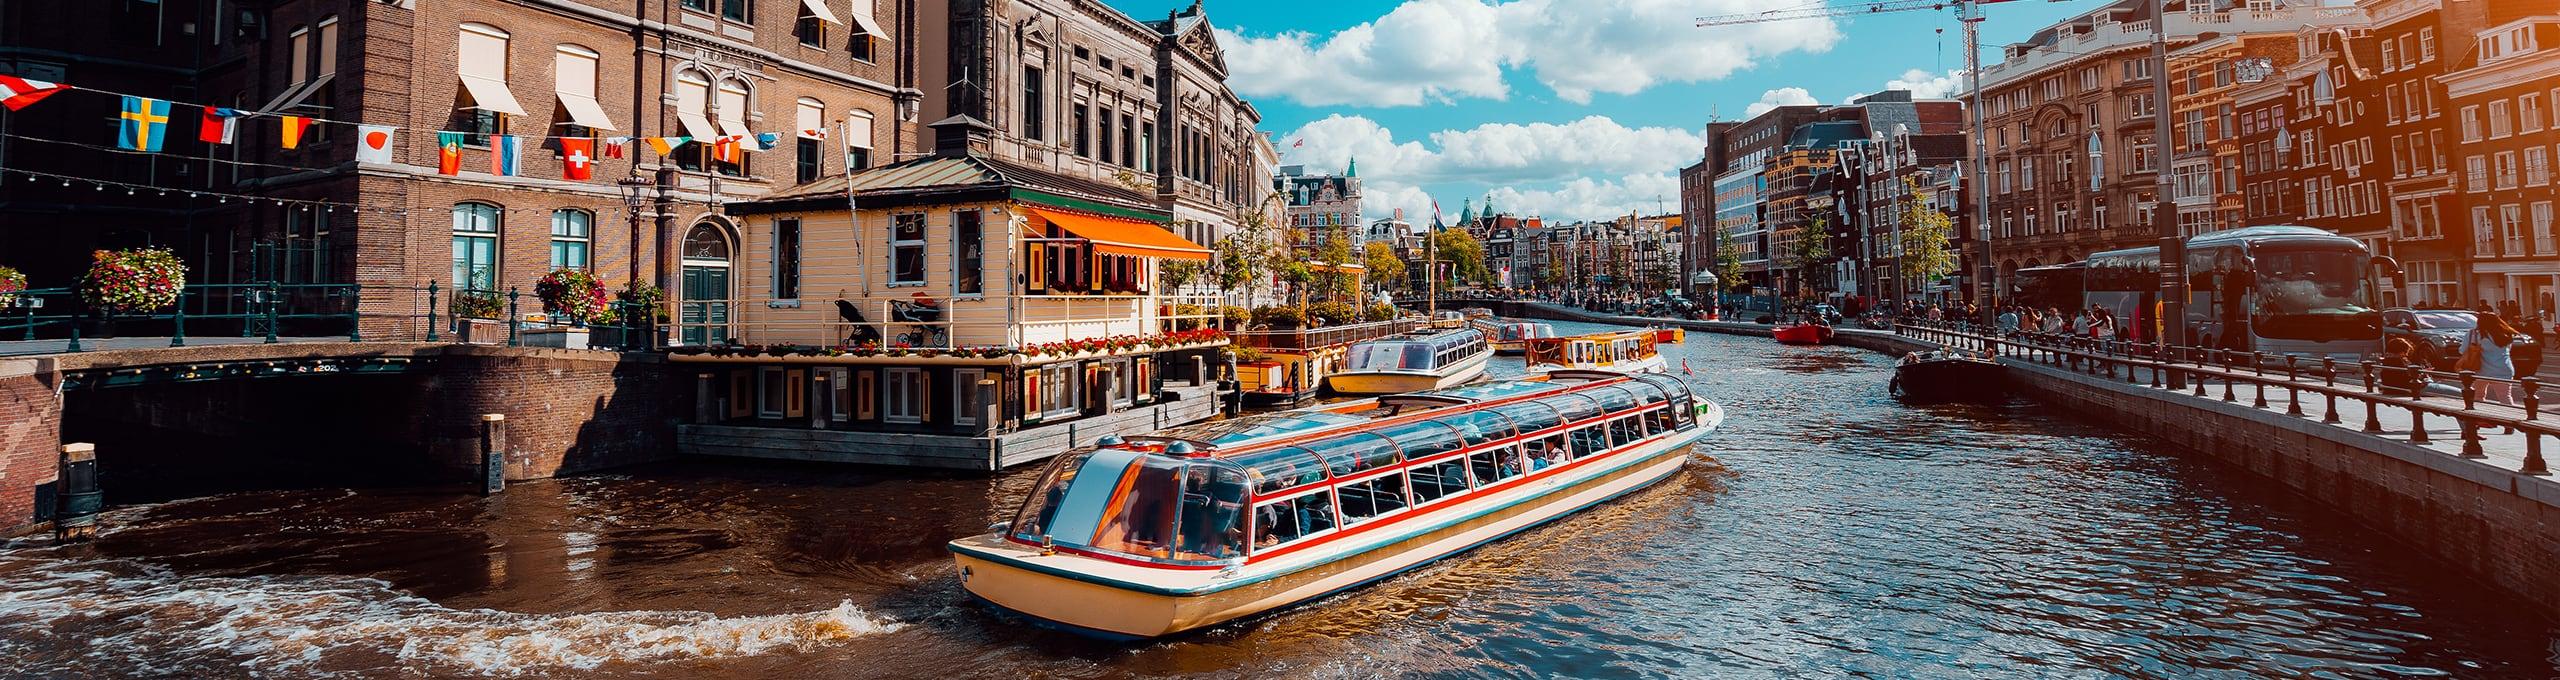 Capartas-Tours-Amsterdam-2